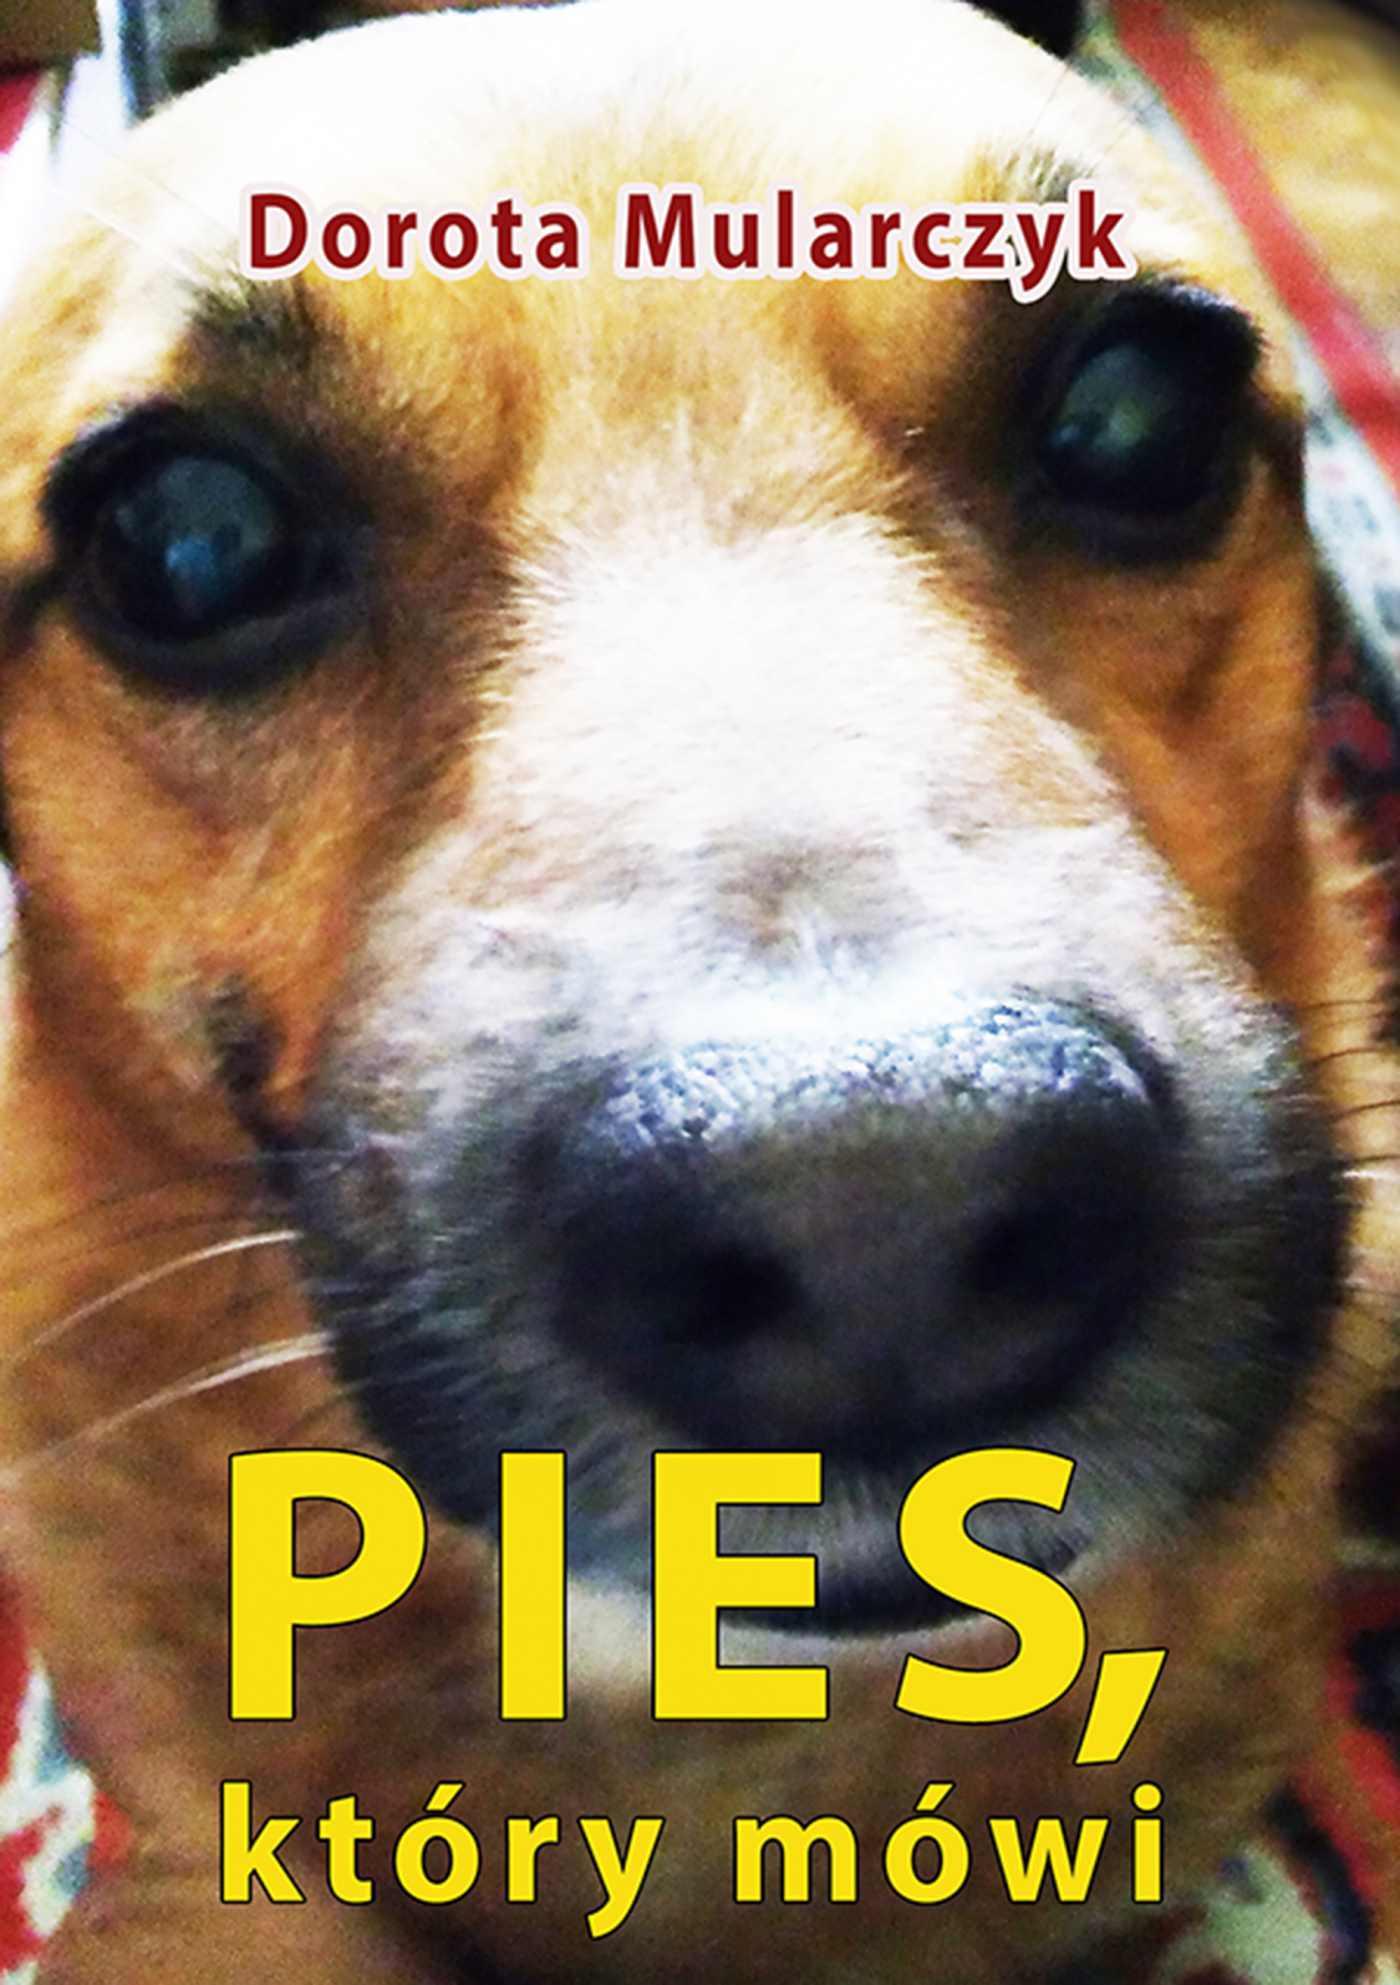 Pies, który mówi - Dorota Mularczyk